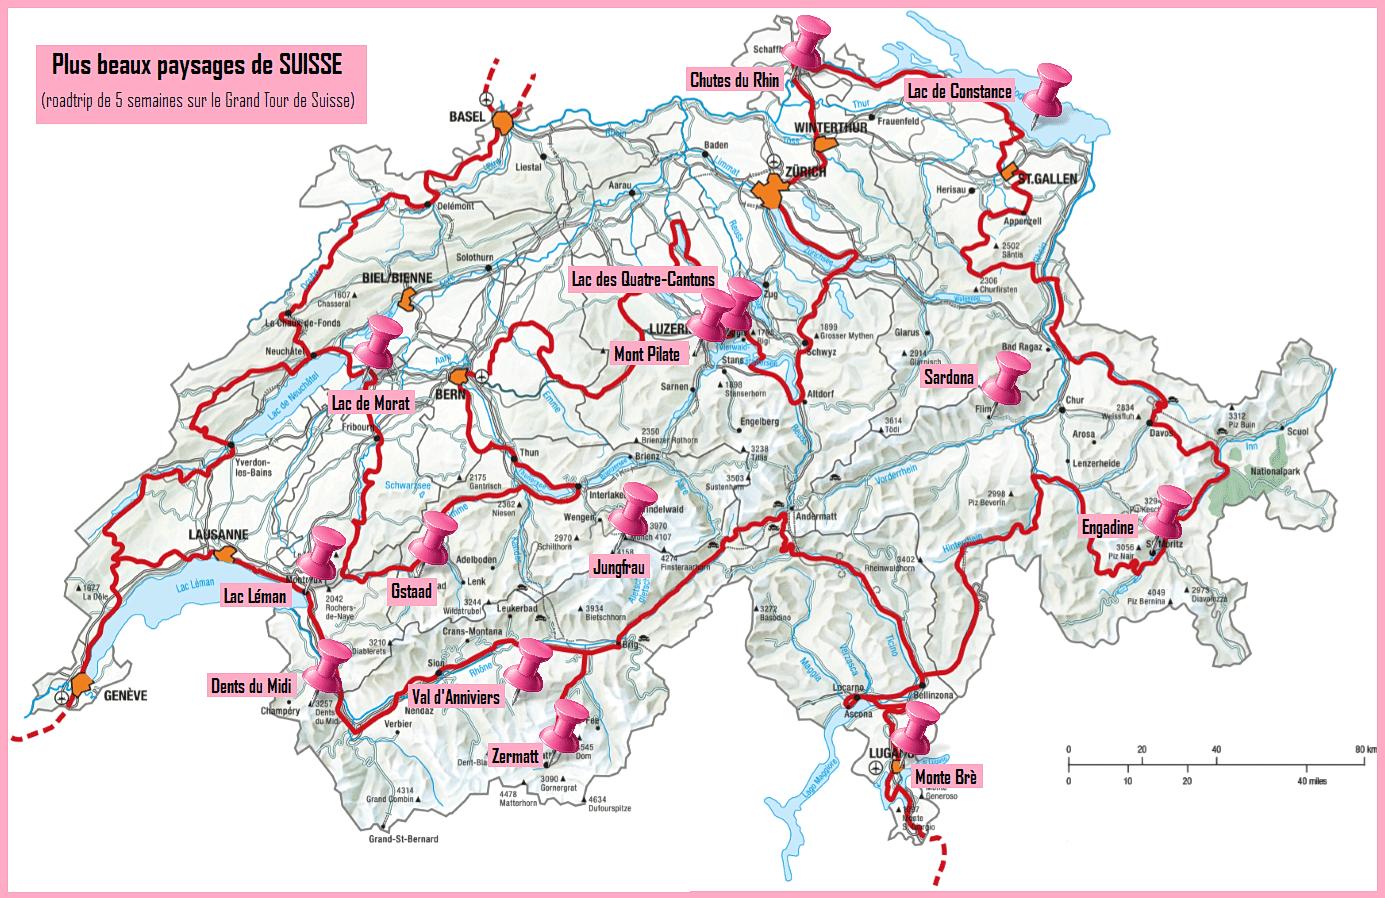 plus beaux paysages de suisse carte globetrekkeuse